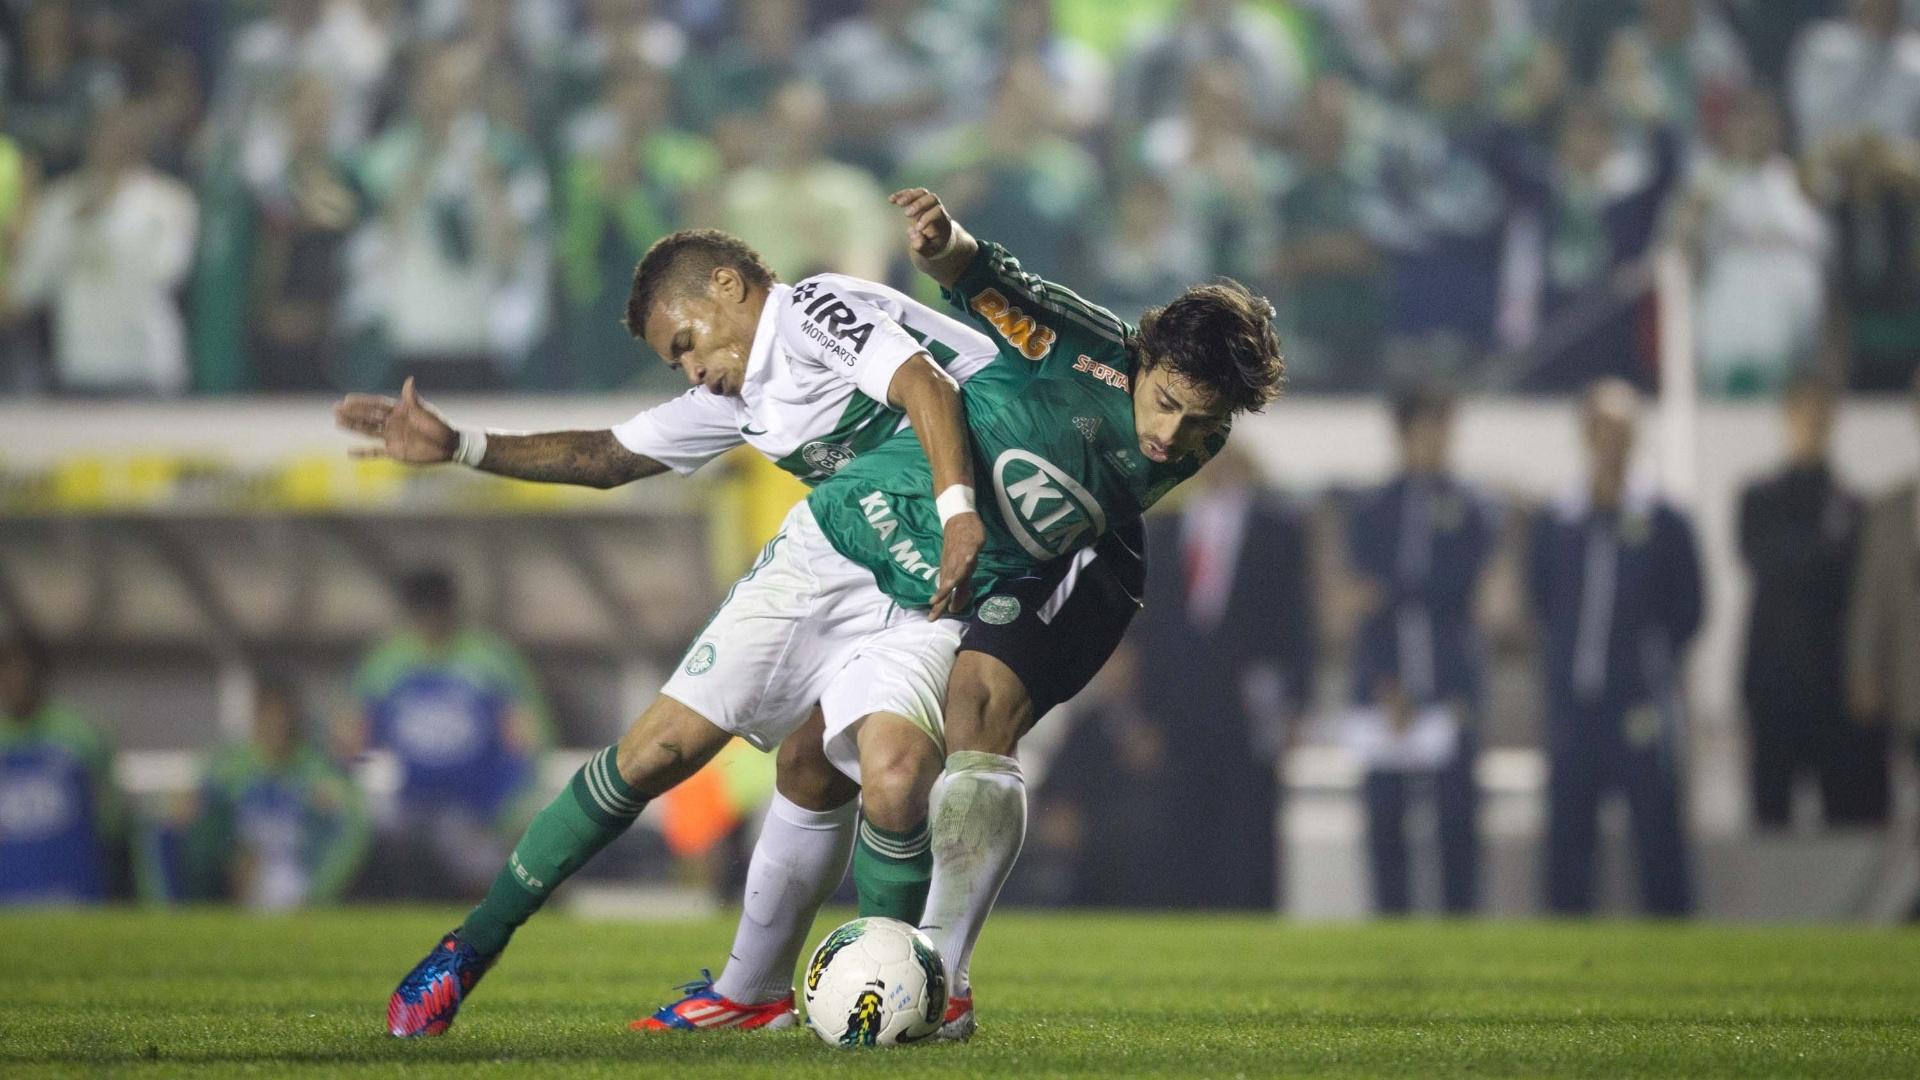 Valdivia tenta se livrar da marcação de jogador do Coritiba durante a final da Copa do Brasil na Arena Barueri